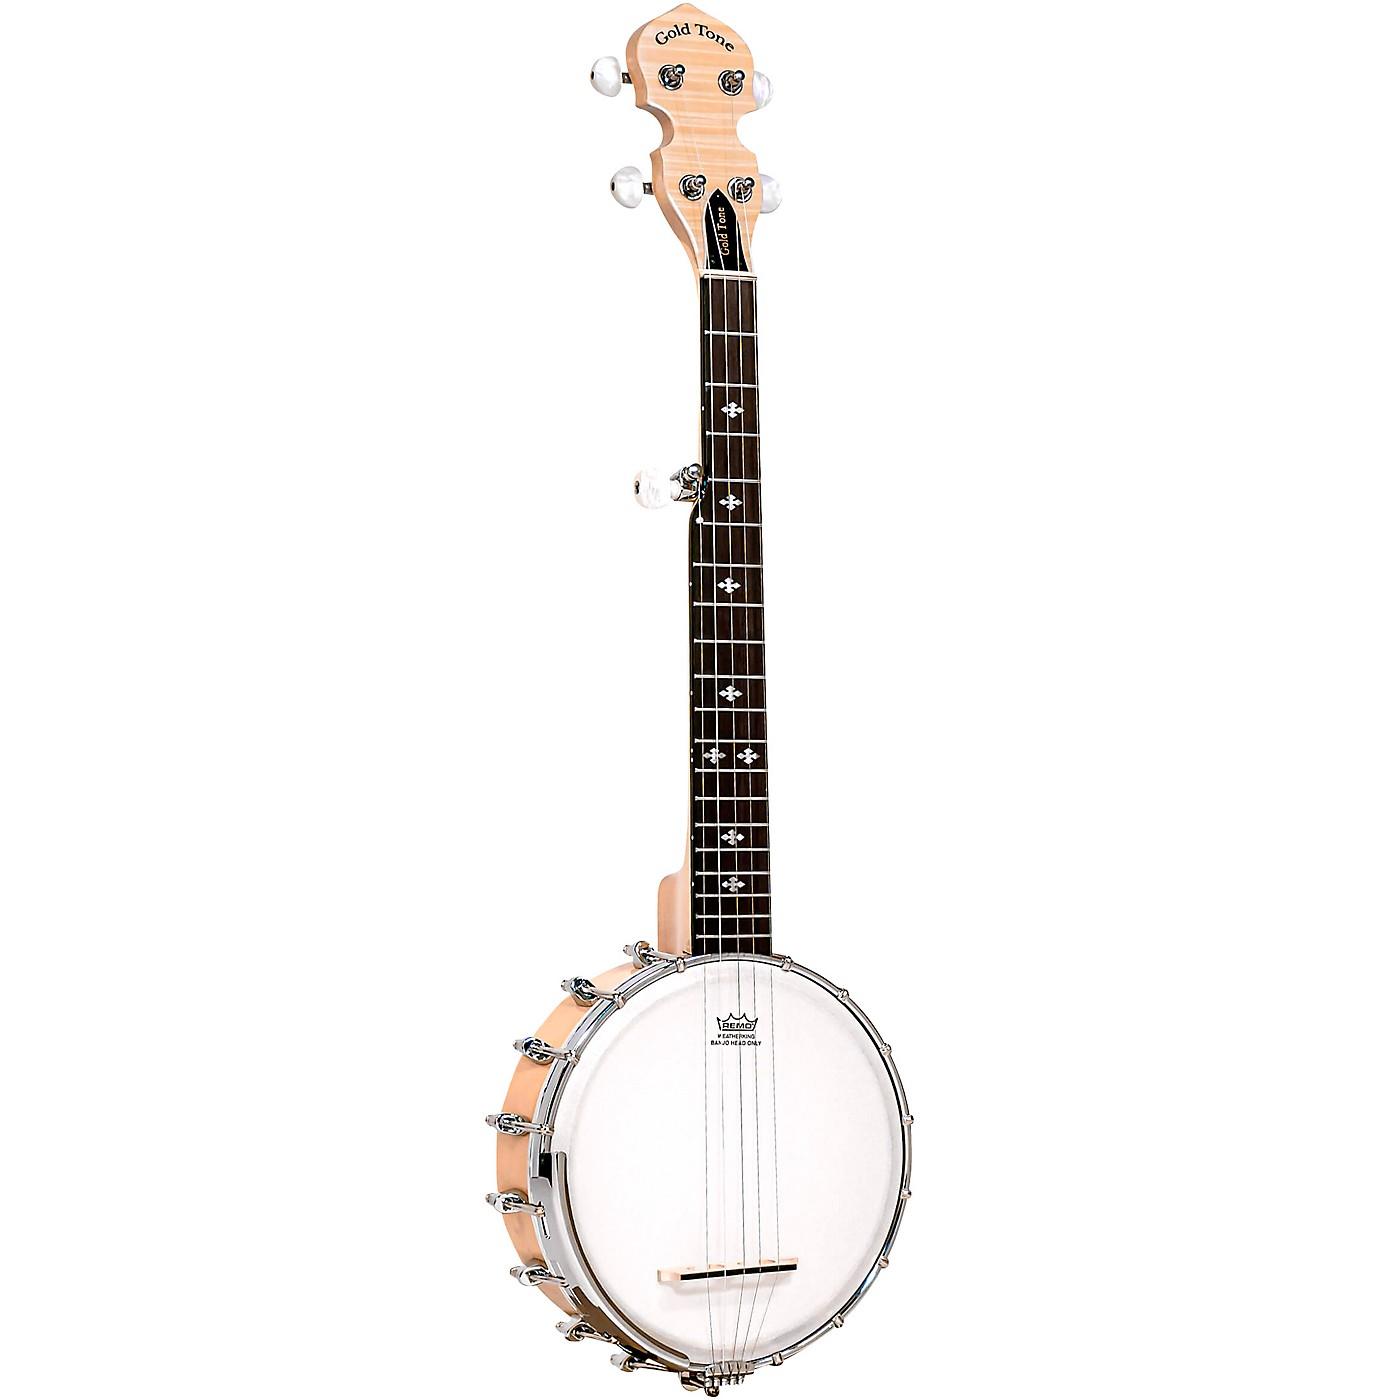 Gold Tone CC-Mini Cripple Creek Traveller Banjo thumbnail